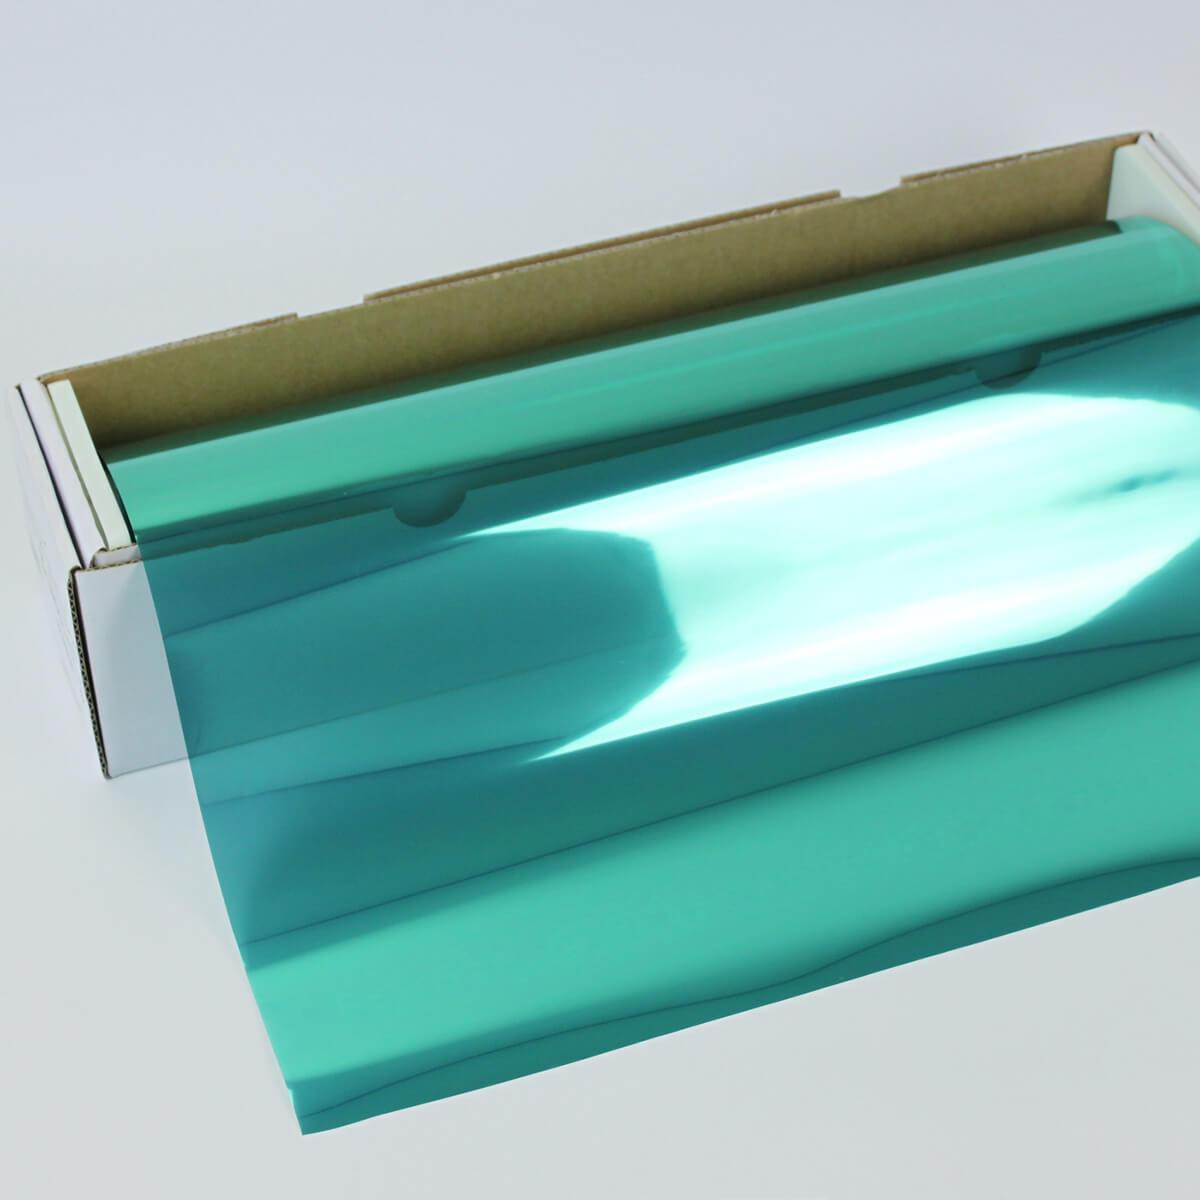 カーフィルム 窓ガラスフィルム SPターコイズ15(18%) 1m幅×30mロール箱売 ミラーフィルム 遮熱フィルム 断熱フィルム UVカットフィルム ブレインテック Braintec